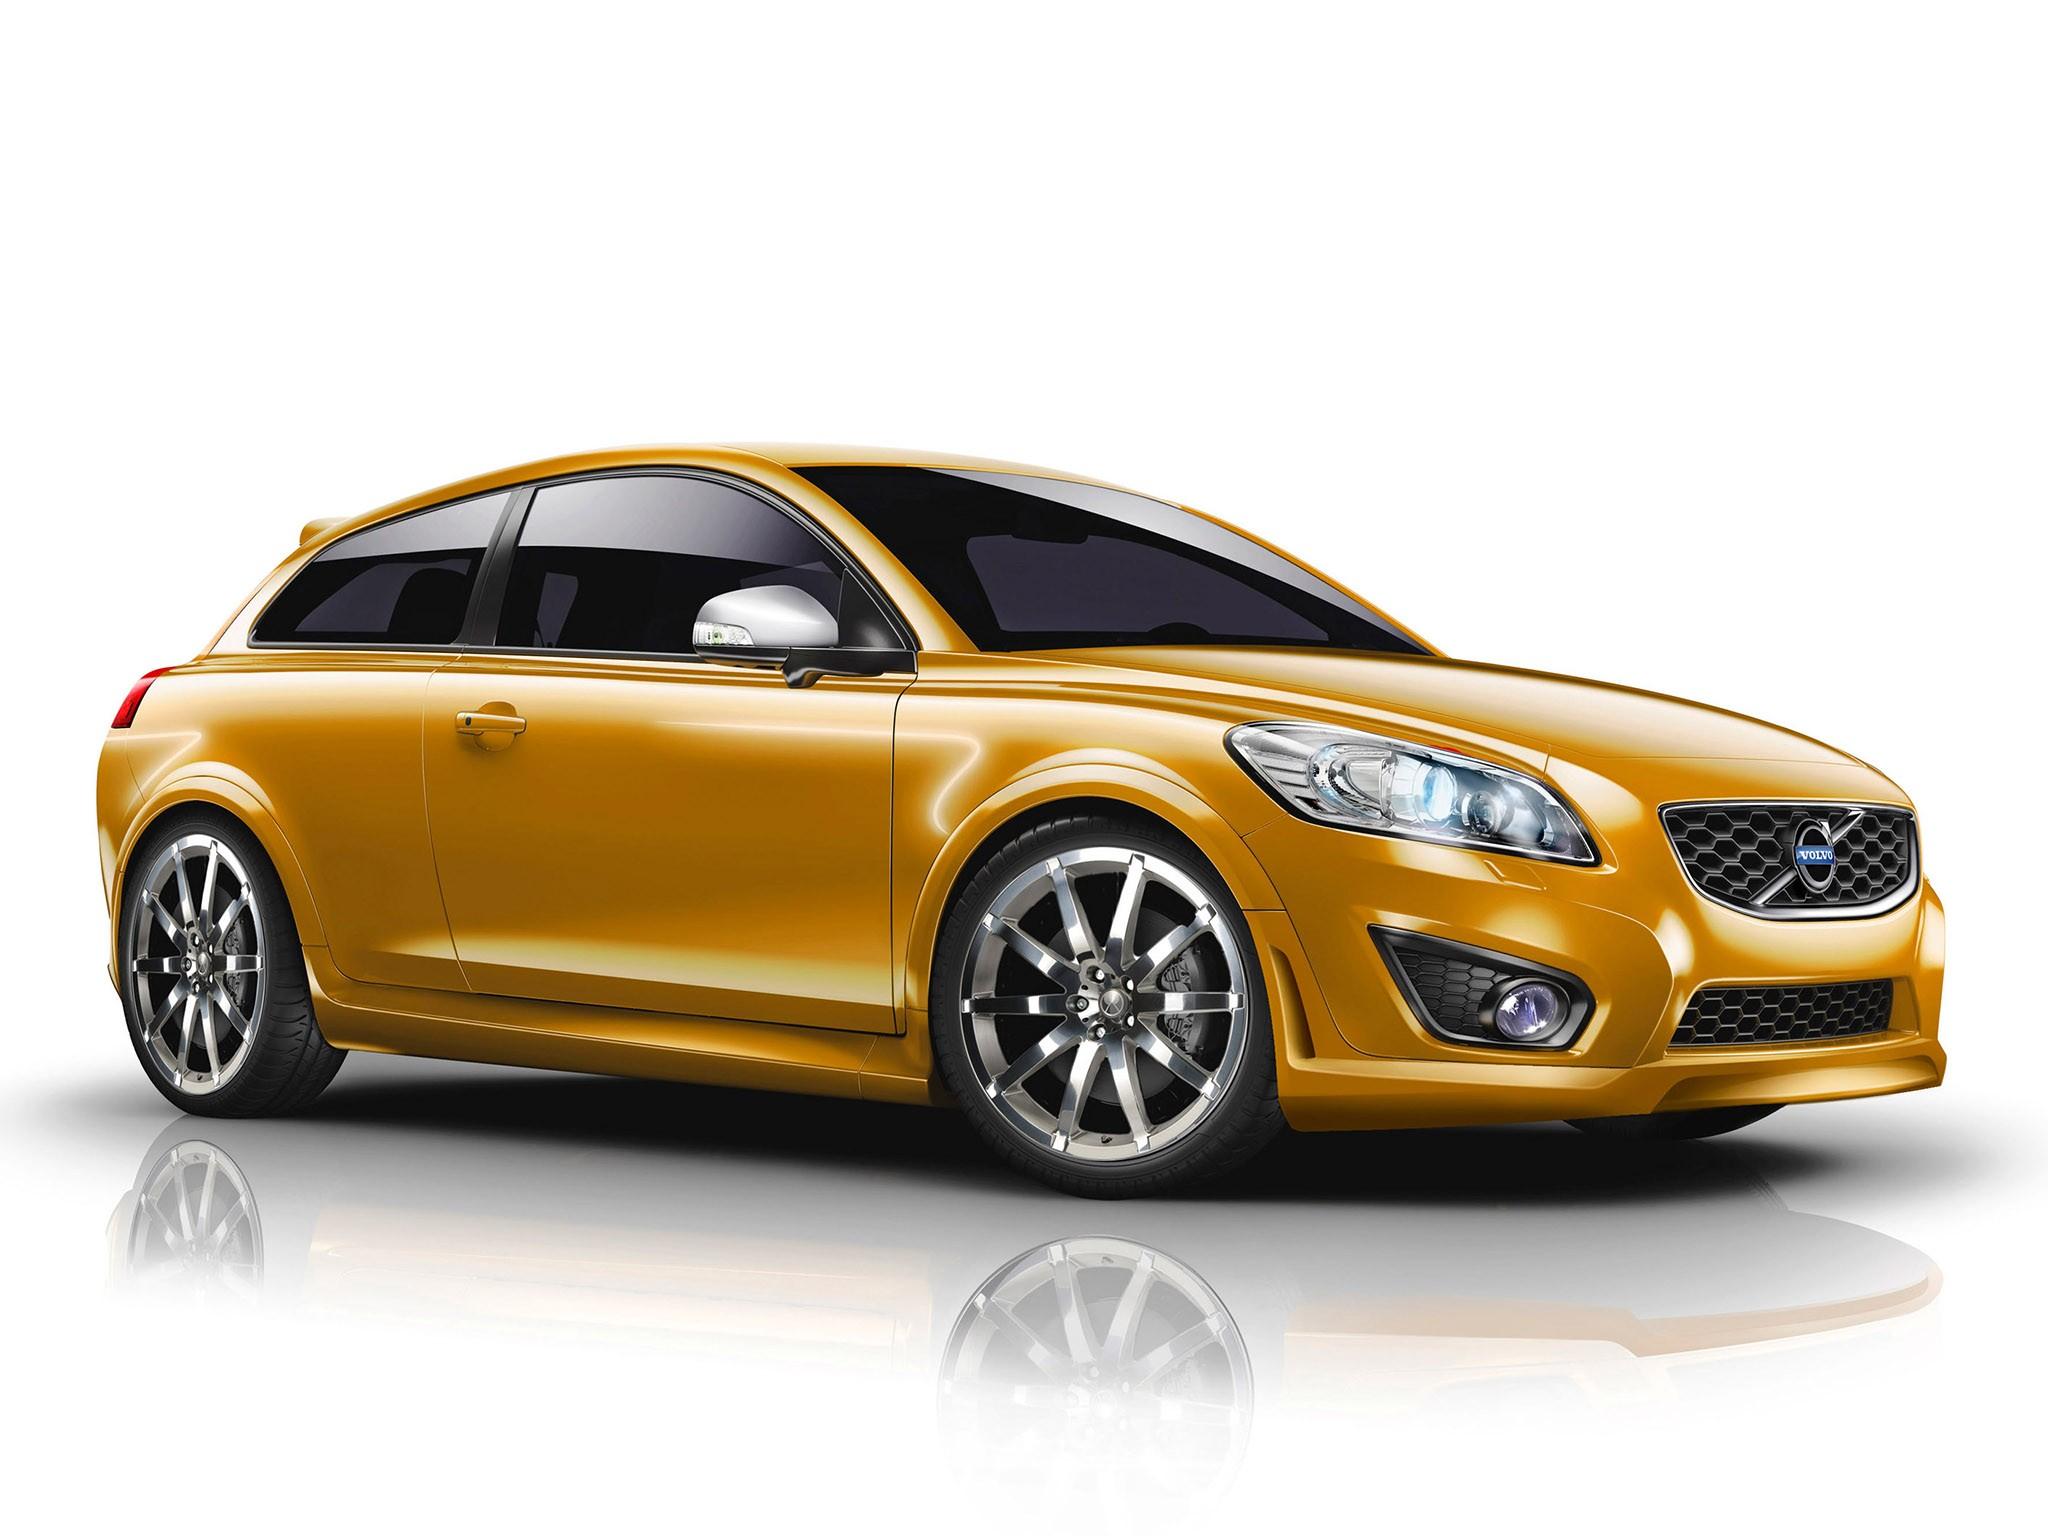 2010 Heico Sportiv - Volvo C30